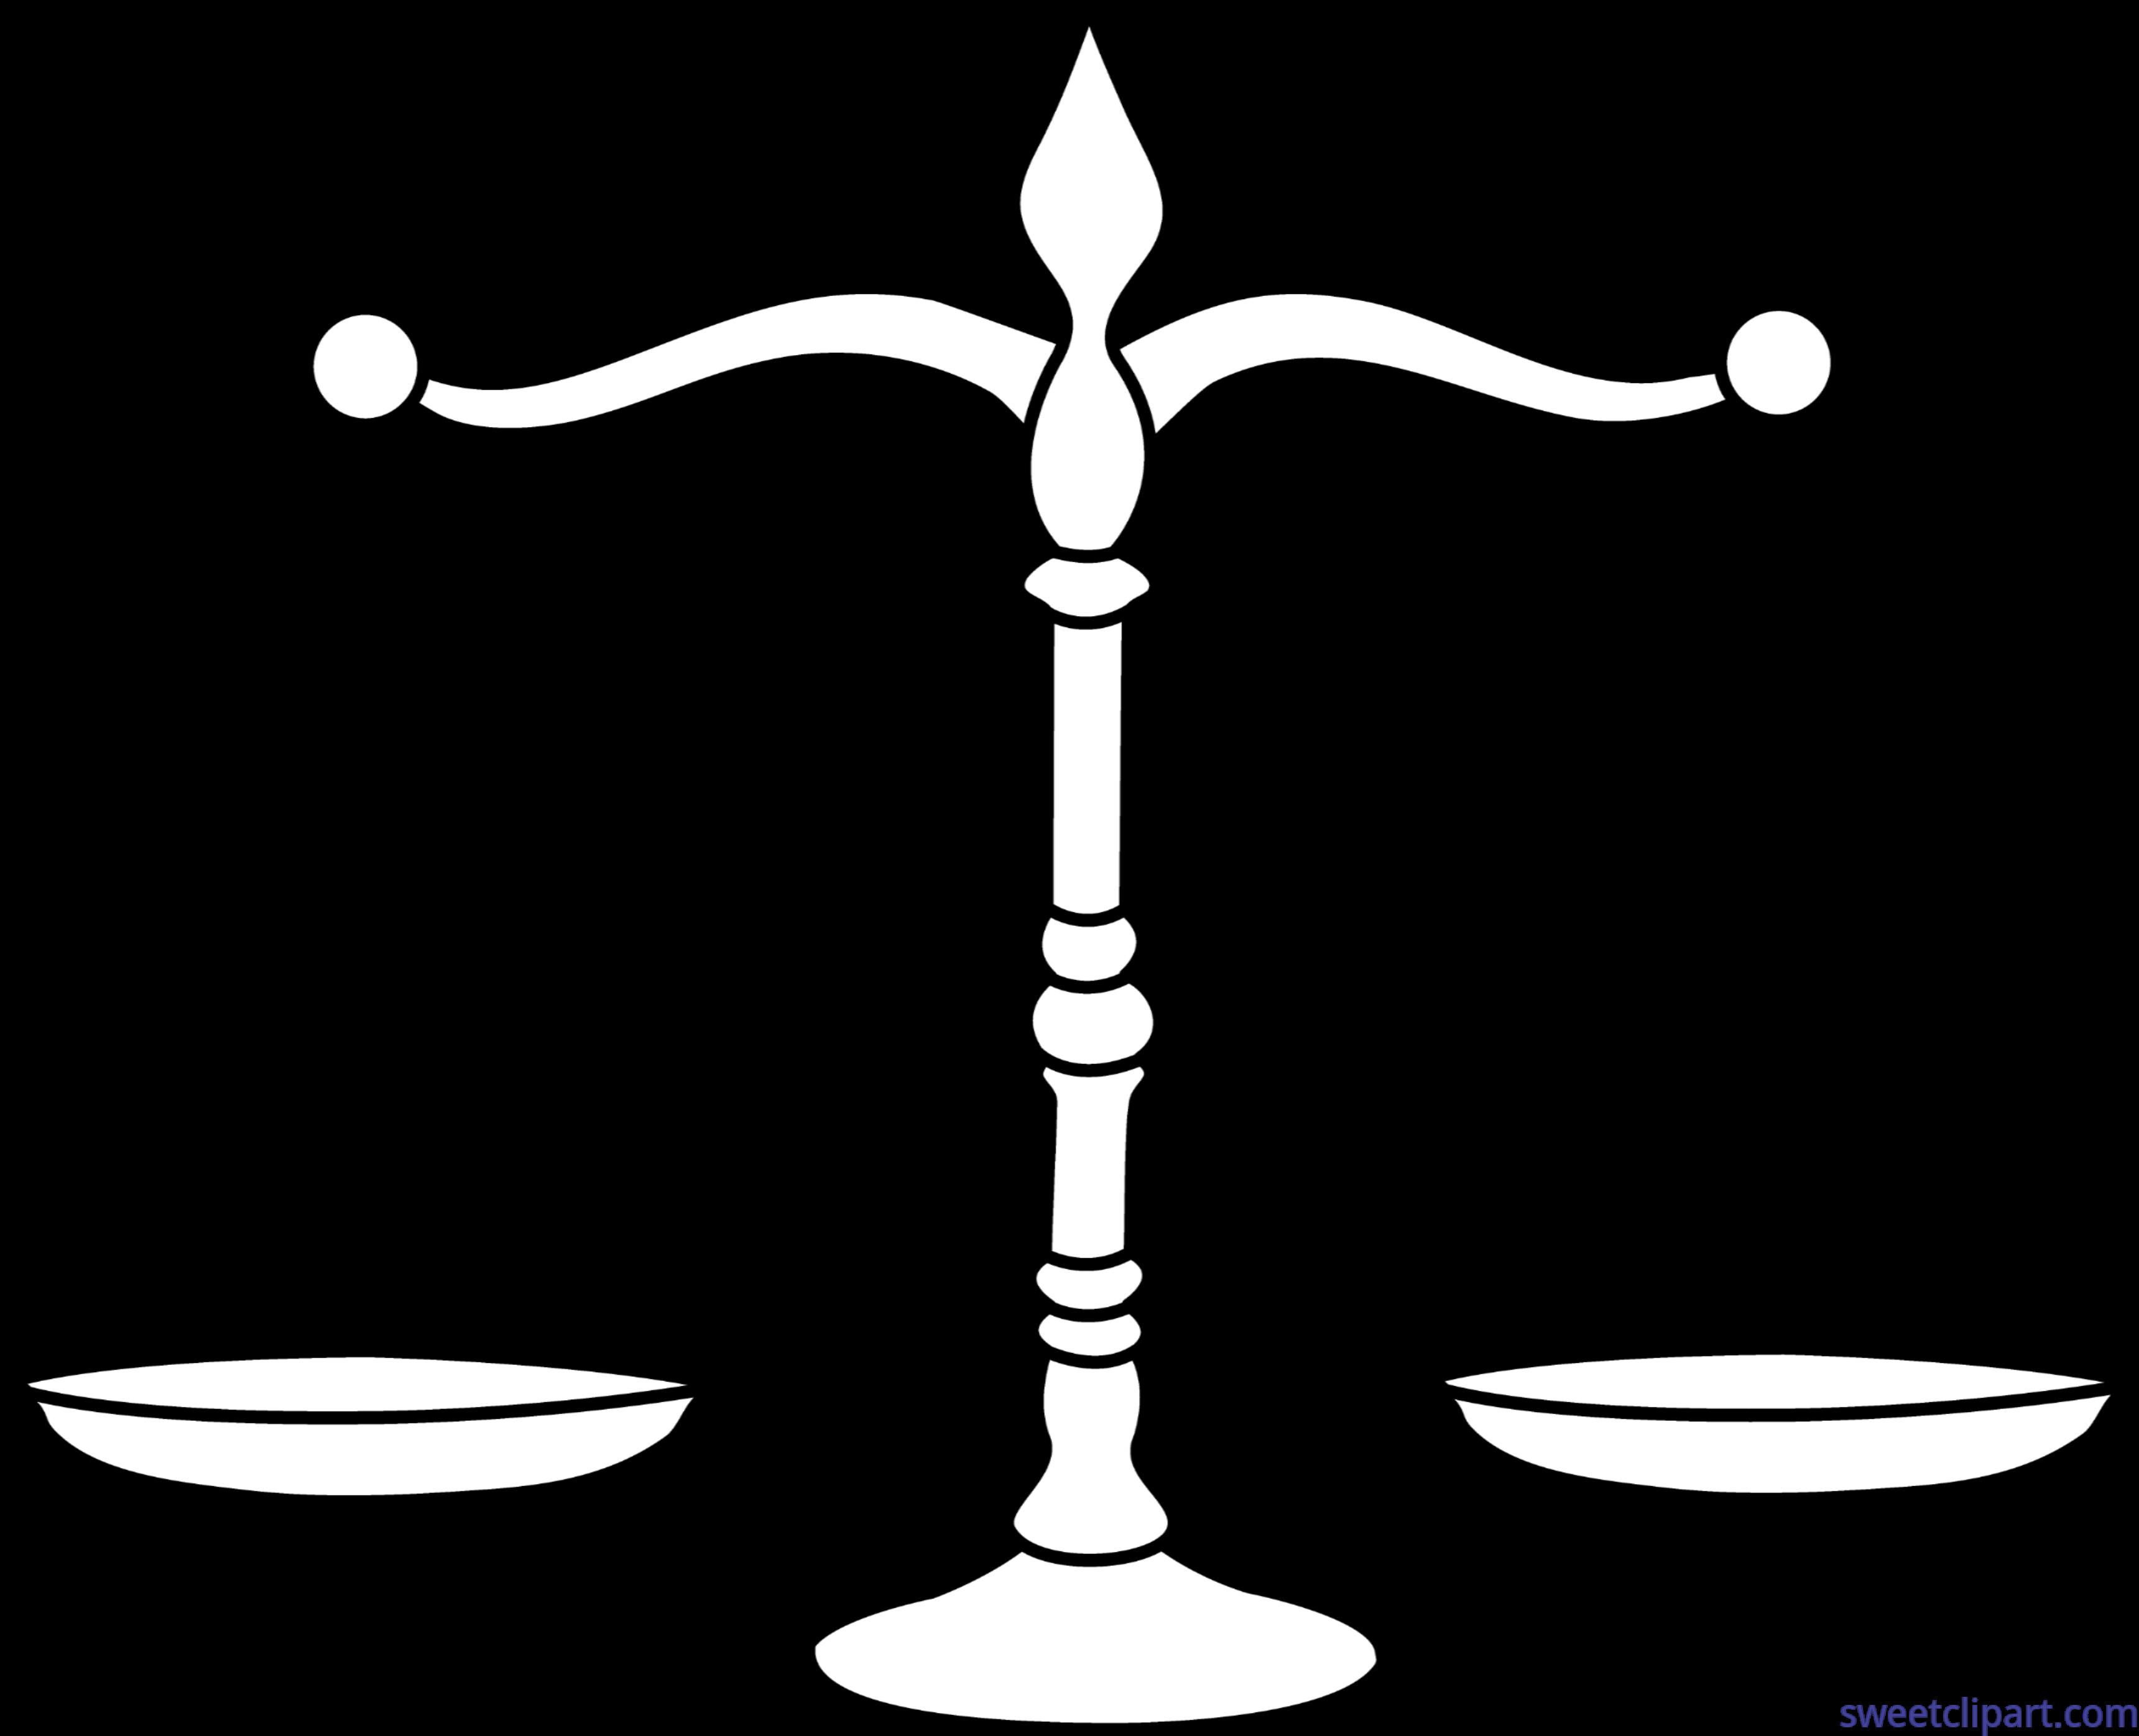 Весы (libra) - cедьмой знак зодиака, соответствующий сектору эклиптики от ° до °, считая от точки весеннего равноденствия; кардинальный знак тригона - воздух.